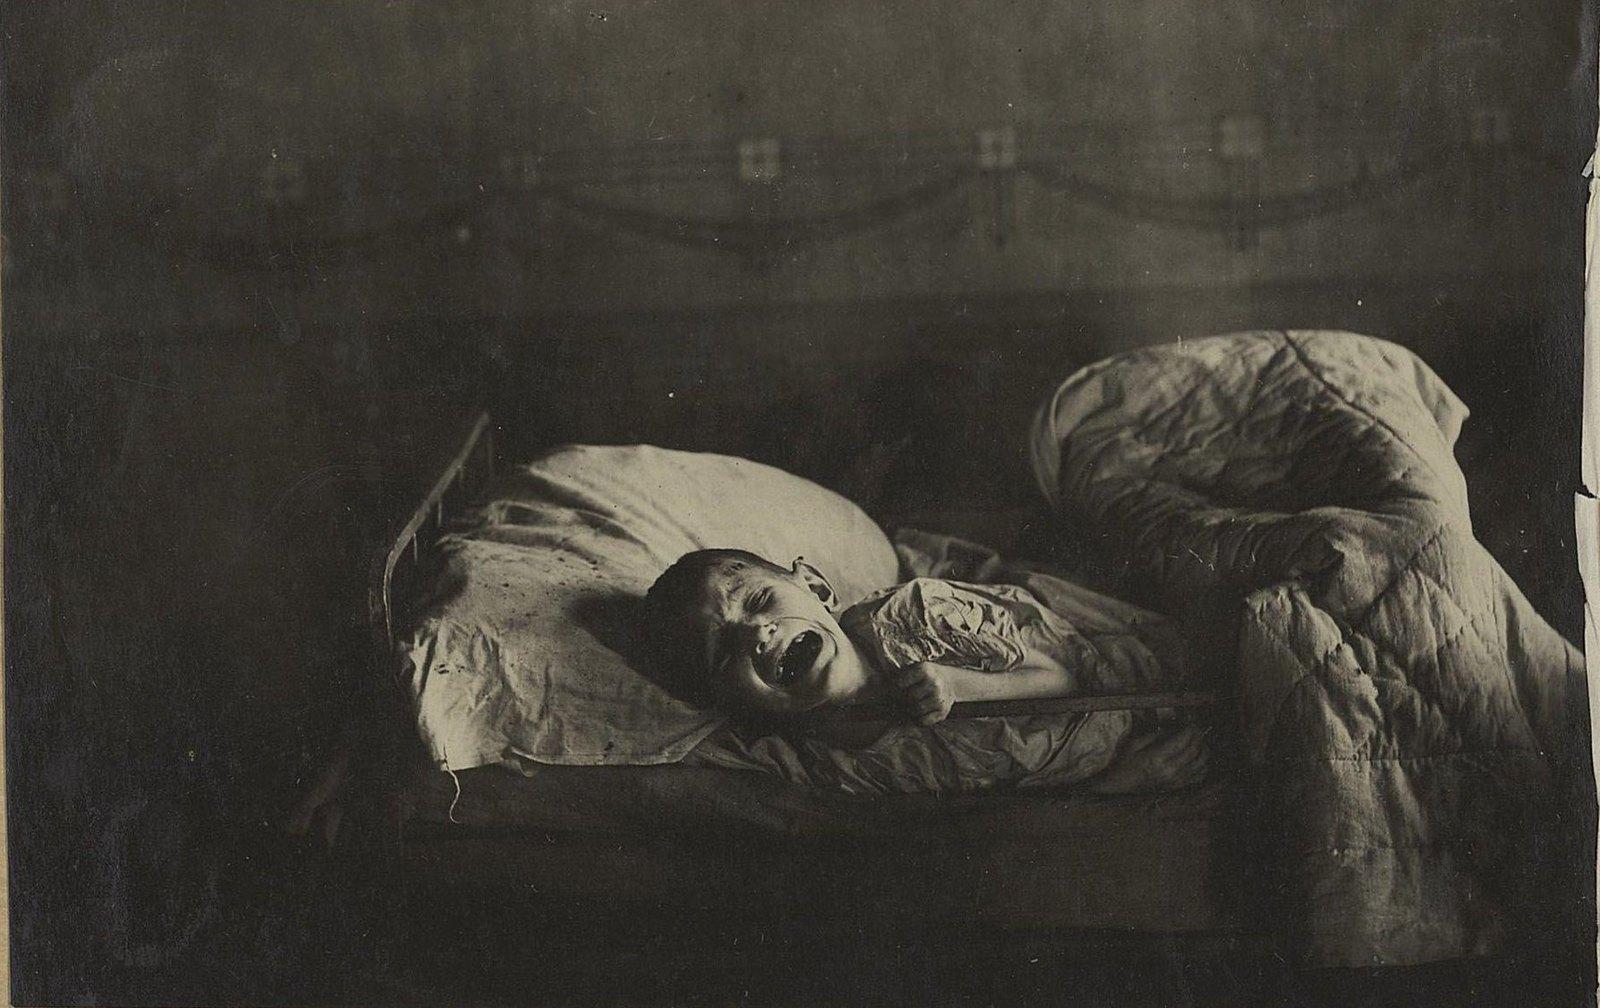 Стонущий от боли и мук изголодавший ребёнок (Самарская губ., Бузулукский уезд, г. Бузулук)